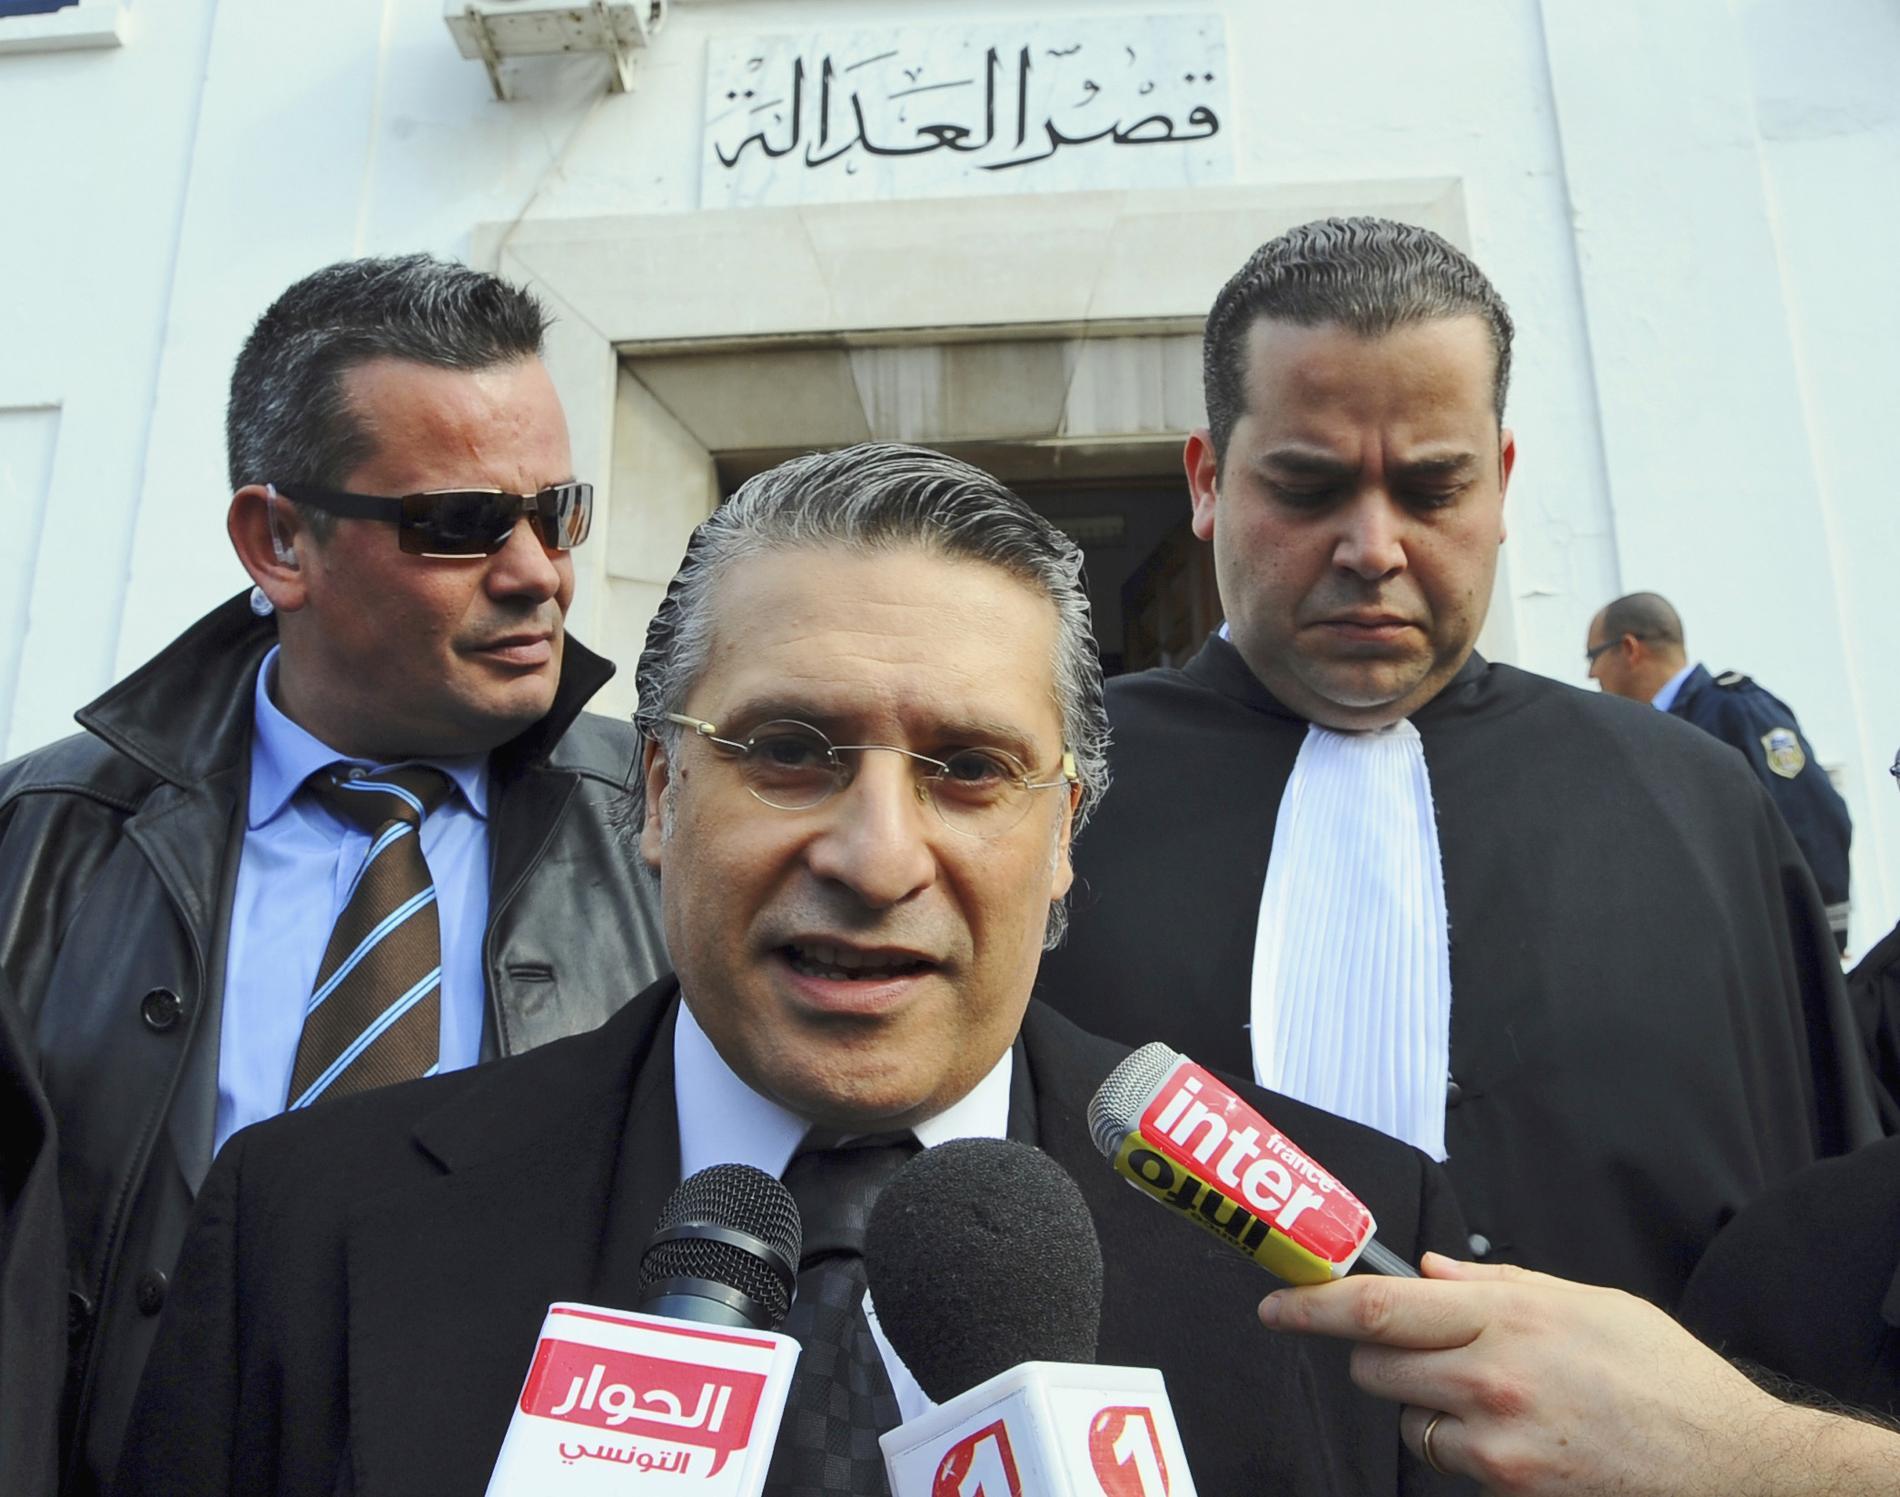 Presidentkandidaten Nabil Karoui (mitten). Arkivbild.